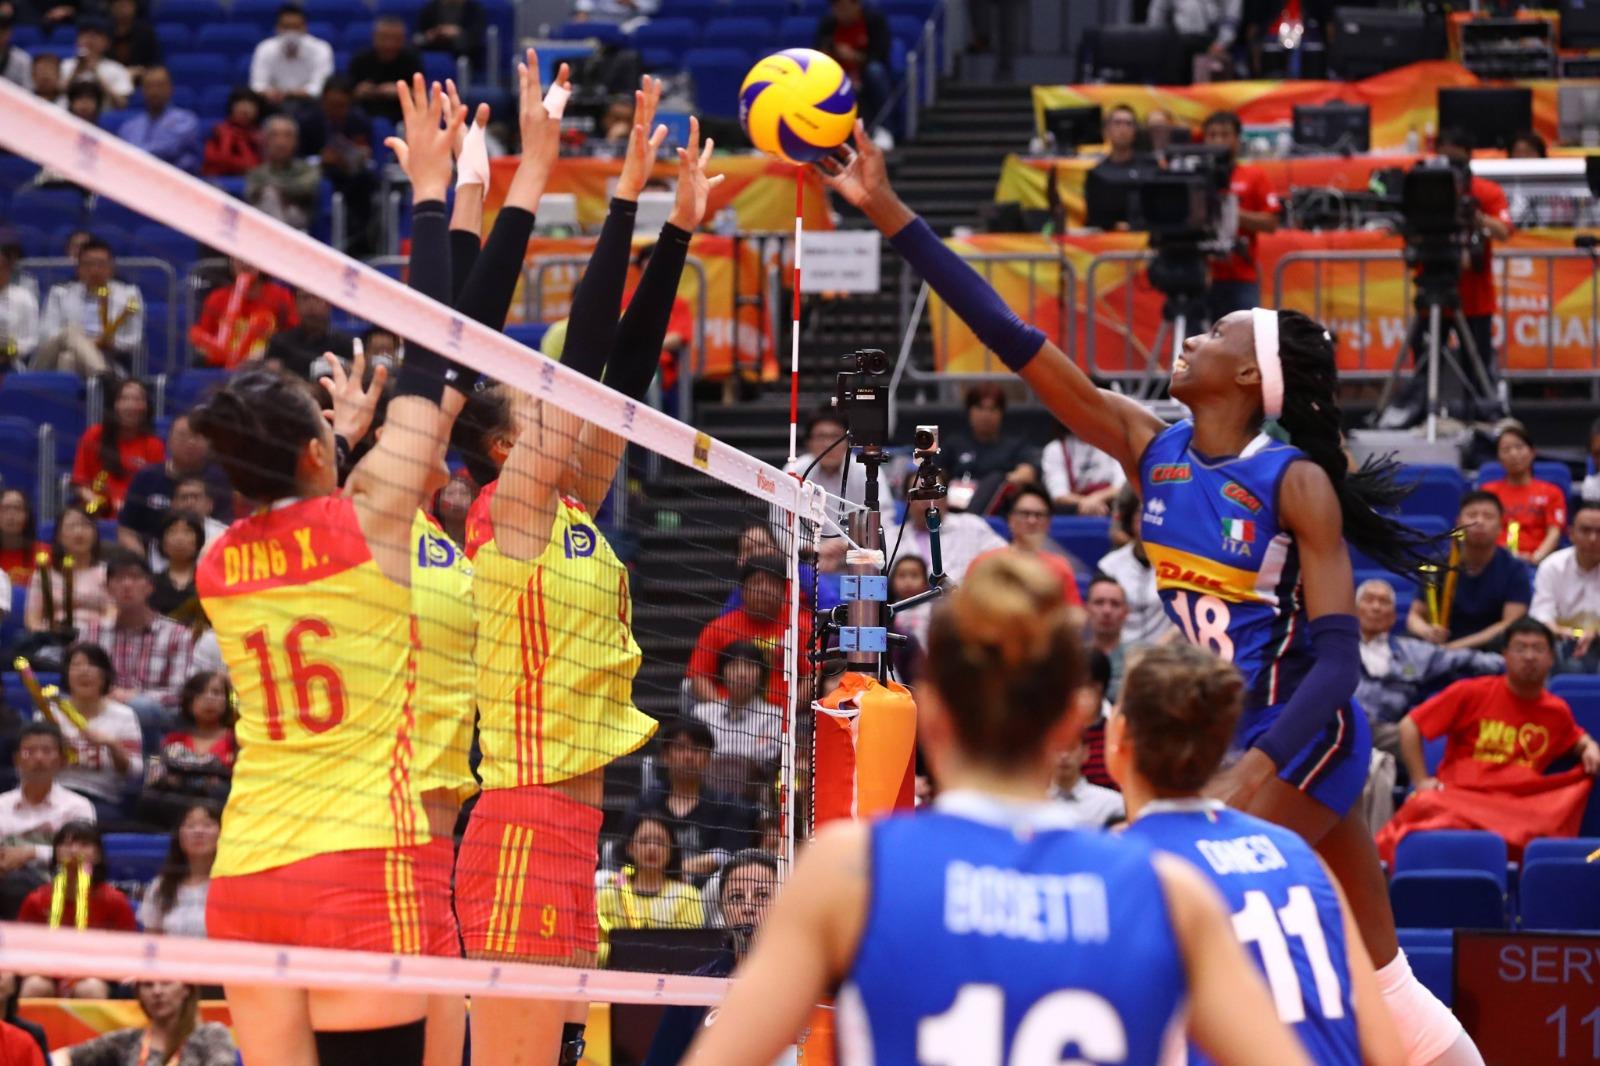 Calendario Volley Maschile 2020.Volley Olimpiadi Tokyo 2020 A Catania Il Girone Di